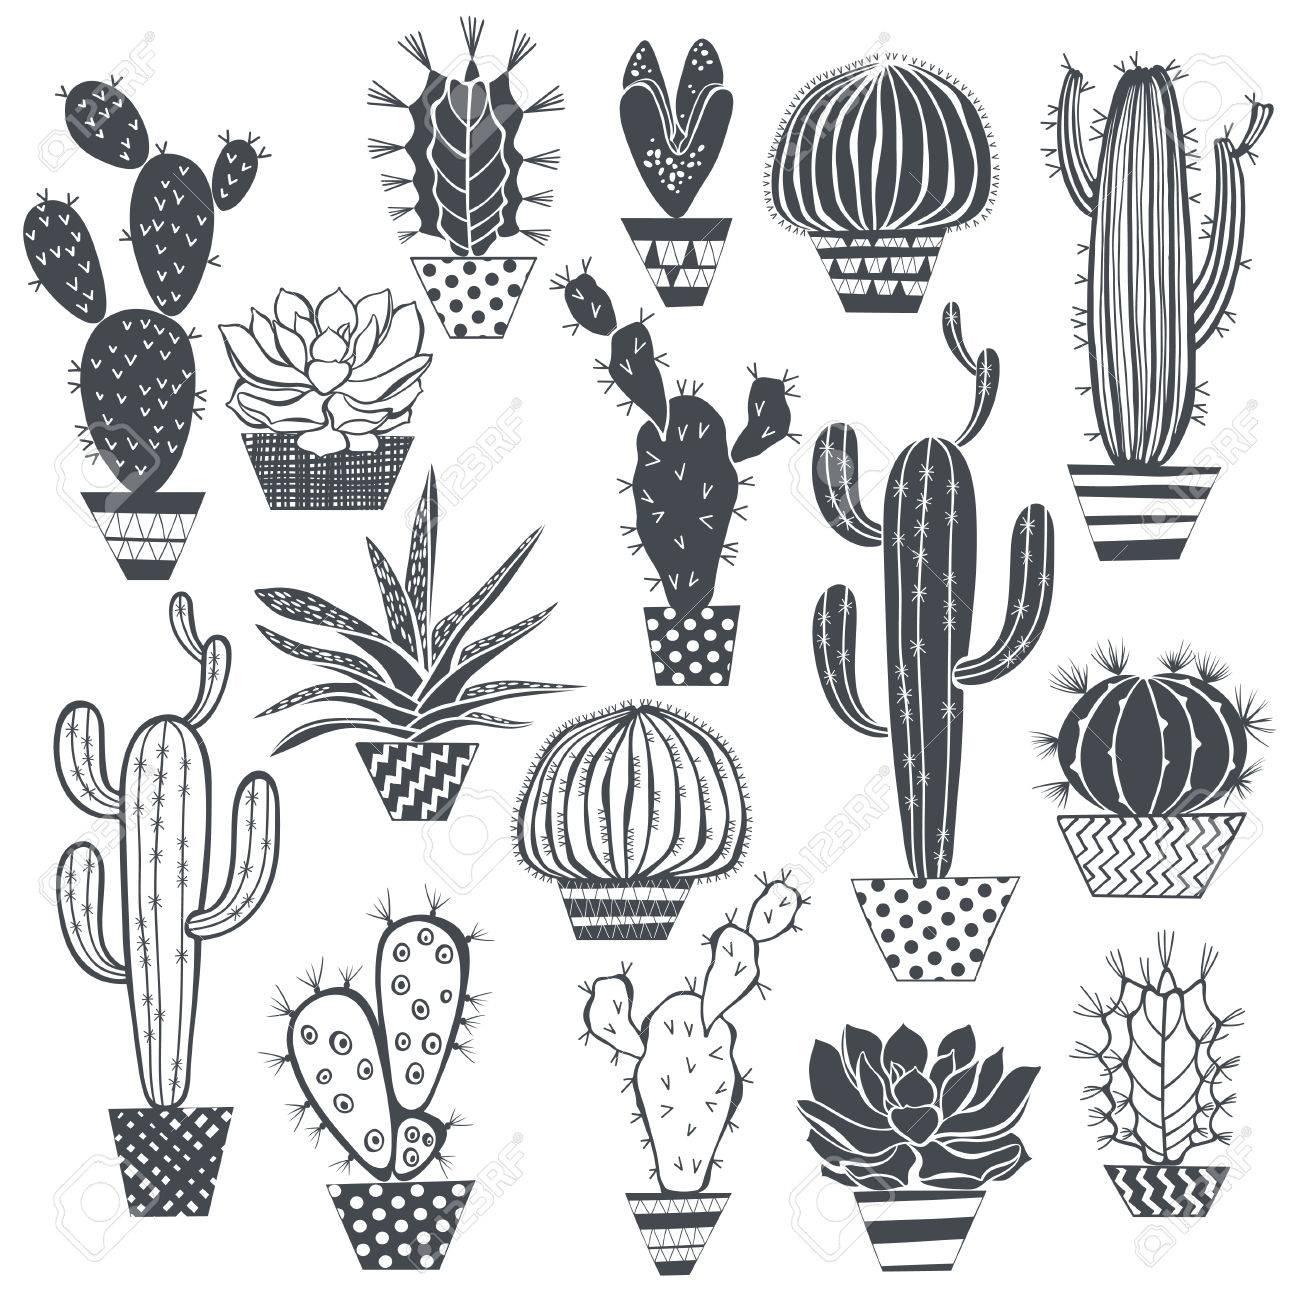 サボテンと多肉植物の白い背景に分離されましたベクトル手の描かれた